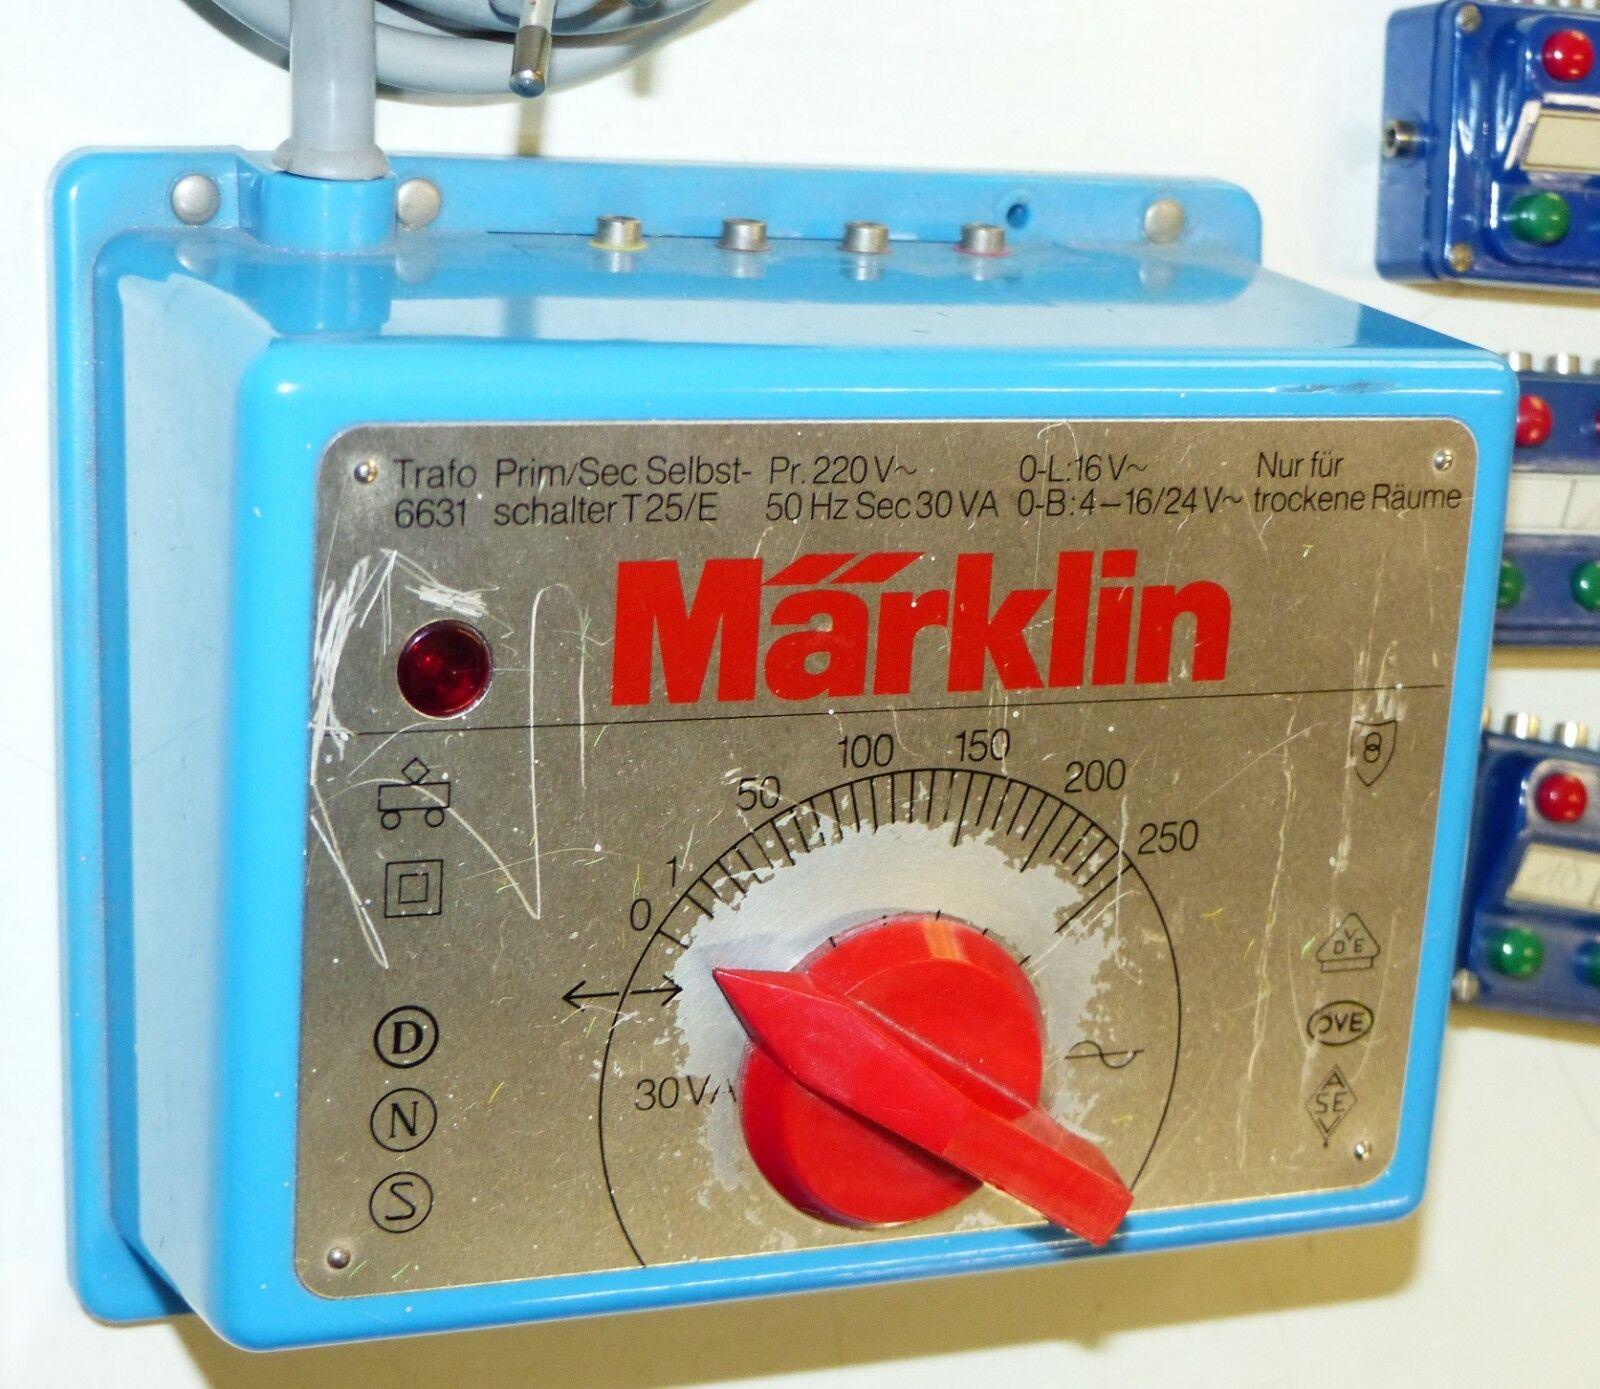 6 pezzi marklin la raccolta raccolta raccolta  6631 Trasformatore 7072 dispositivi di couomodo couomodi 7209 Piastra di Distribuzione 410baa